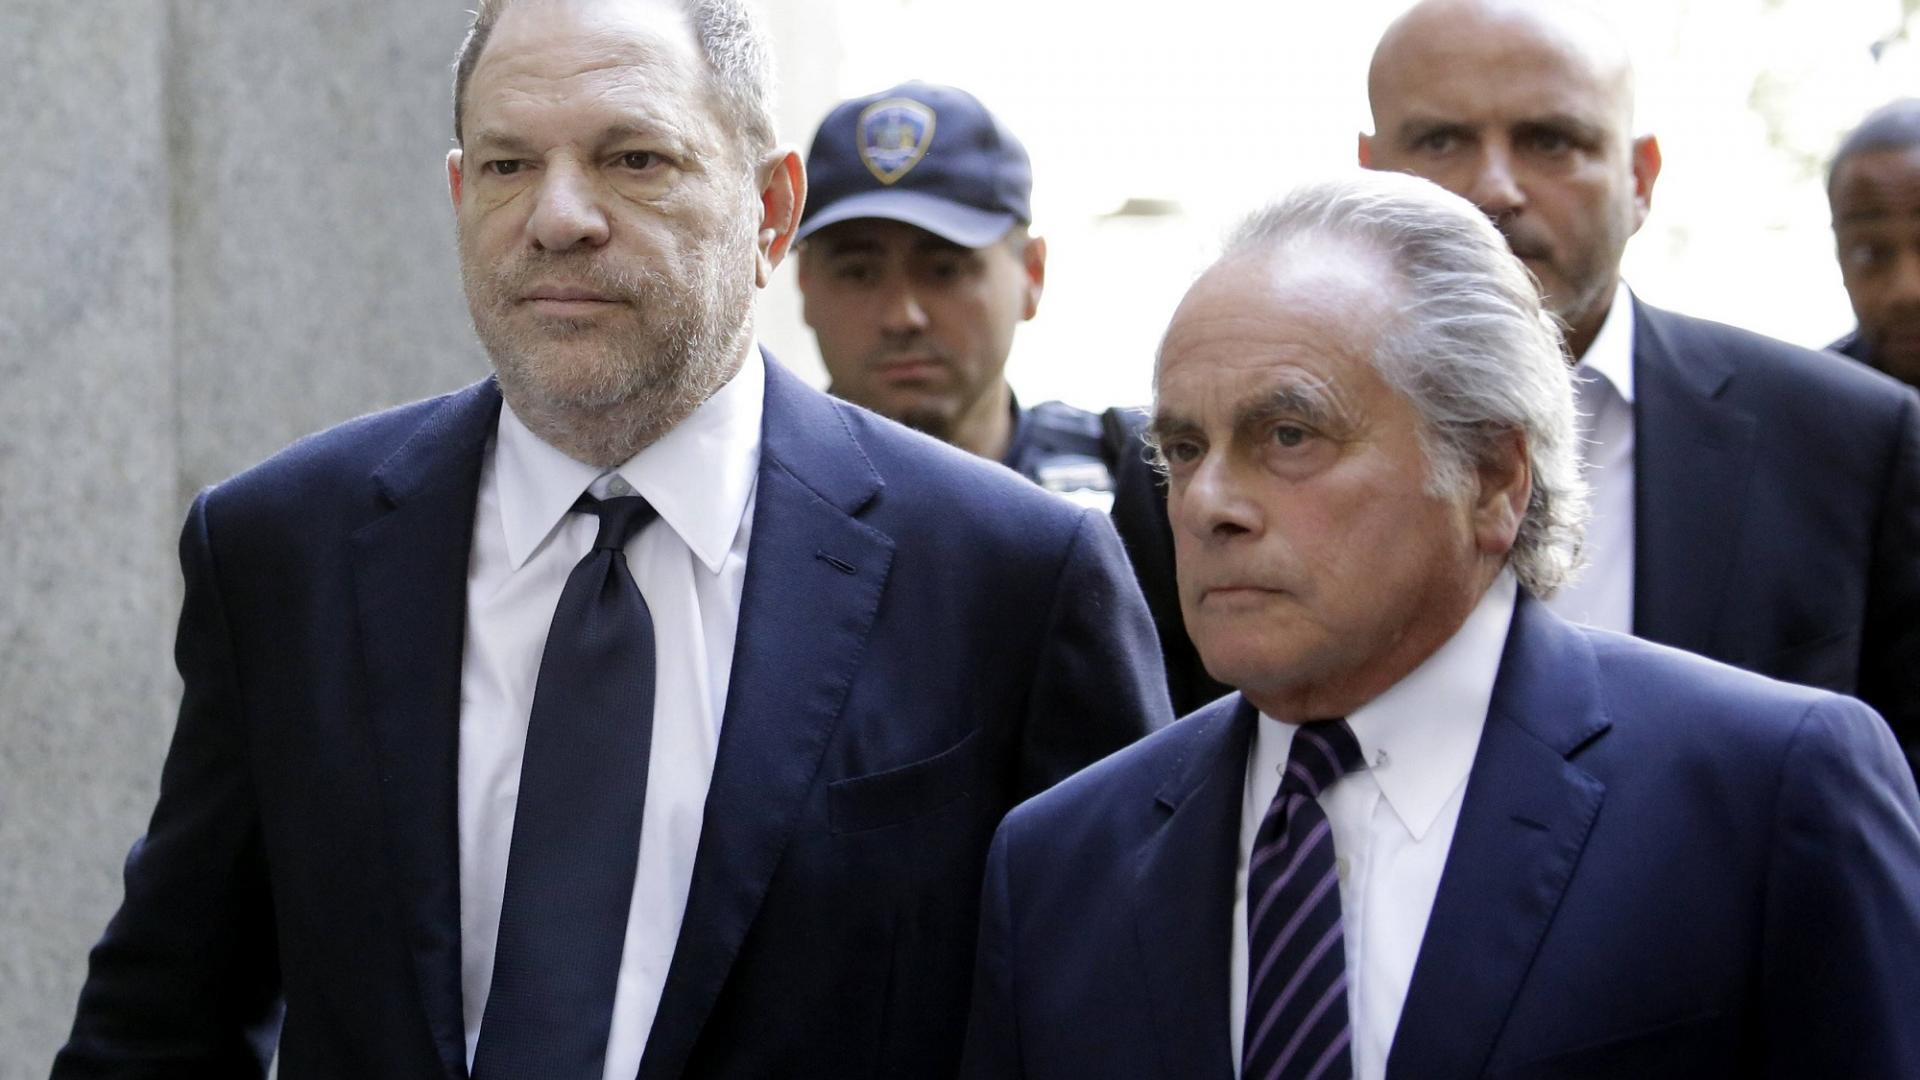 Harvey Weinstein mit Anwälten und Polizist